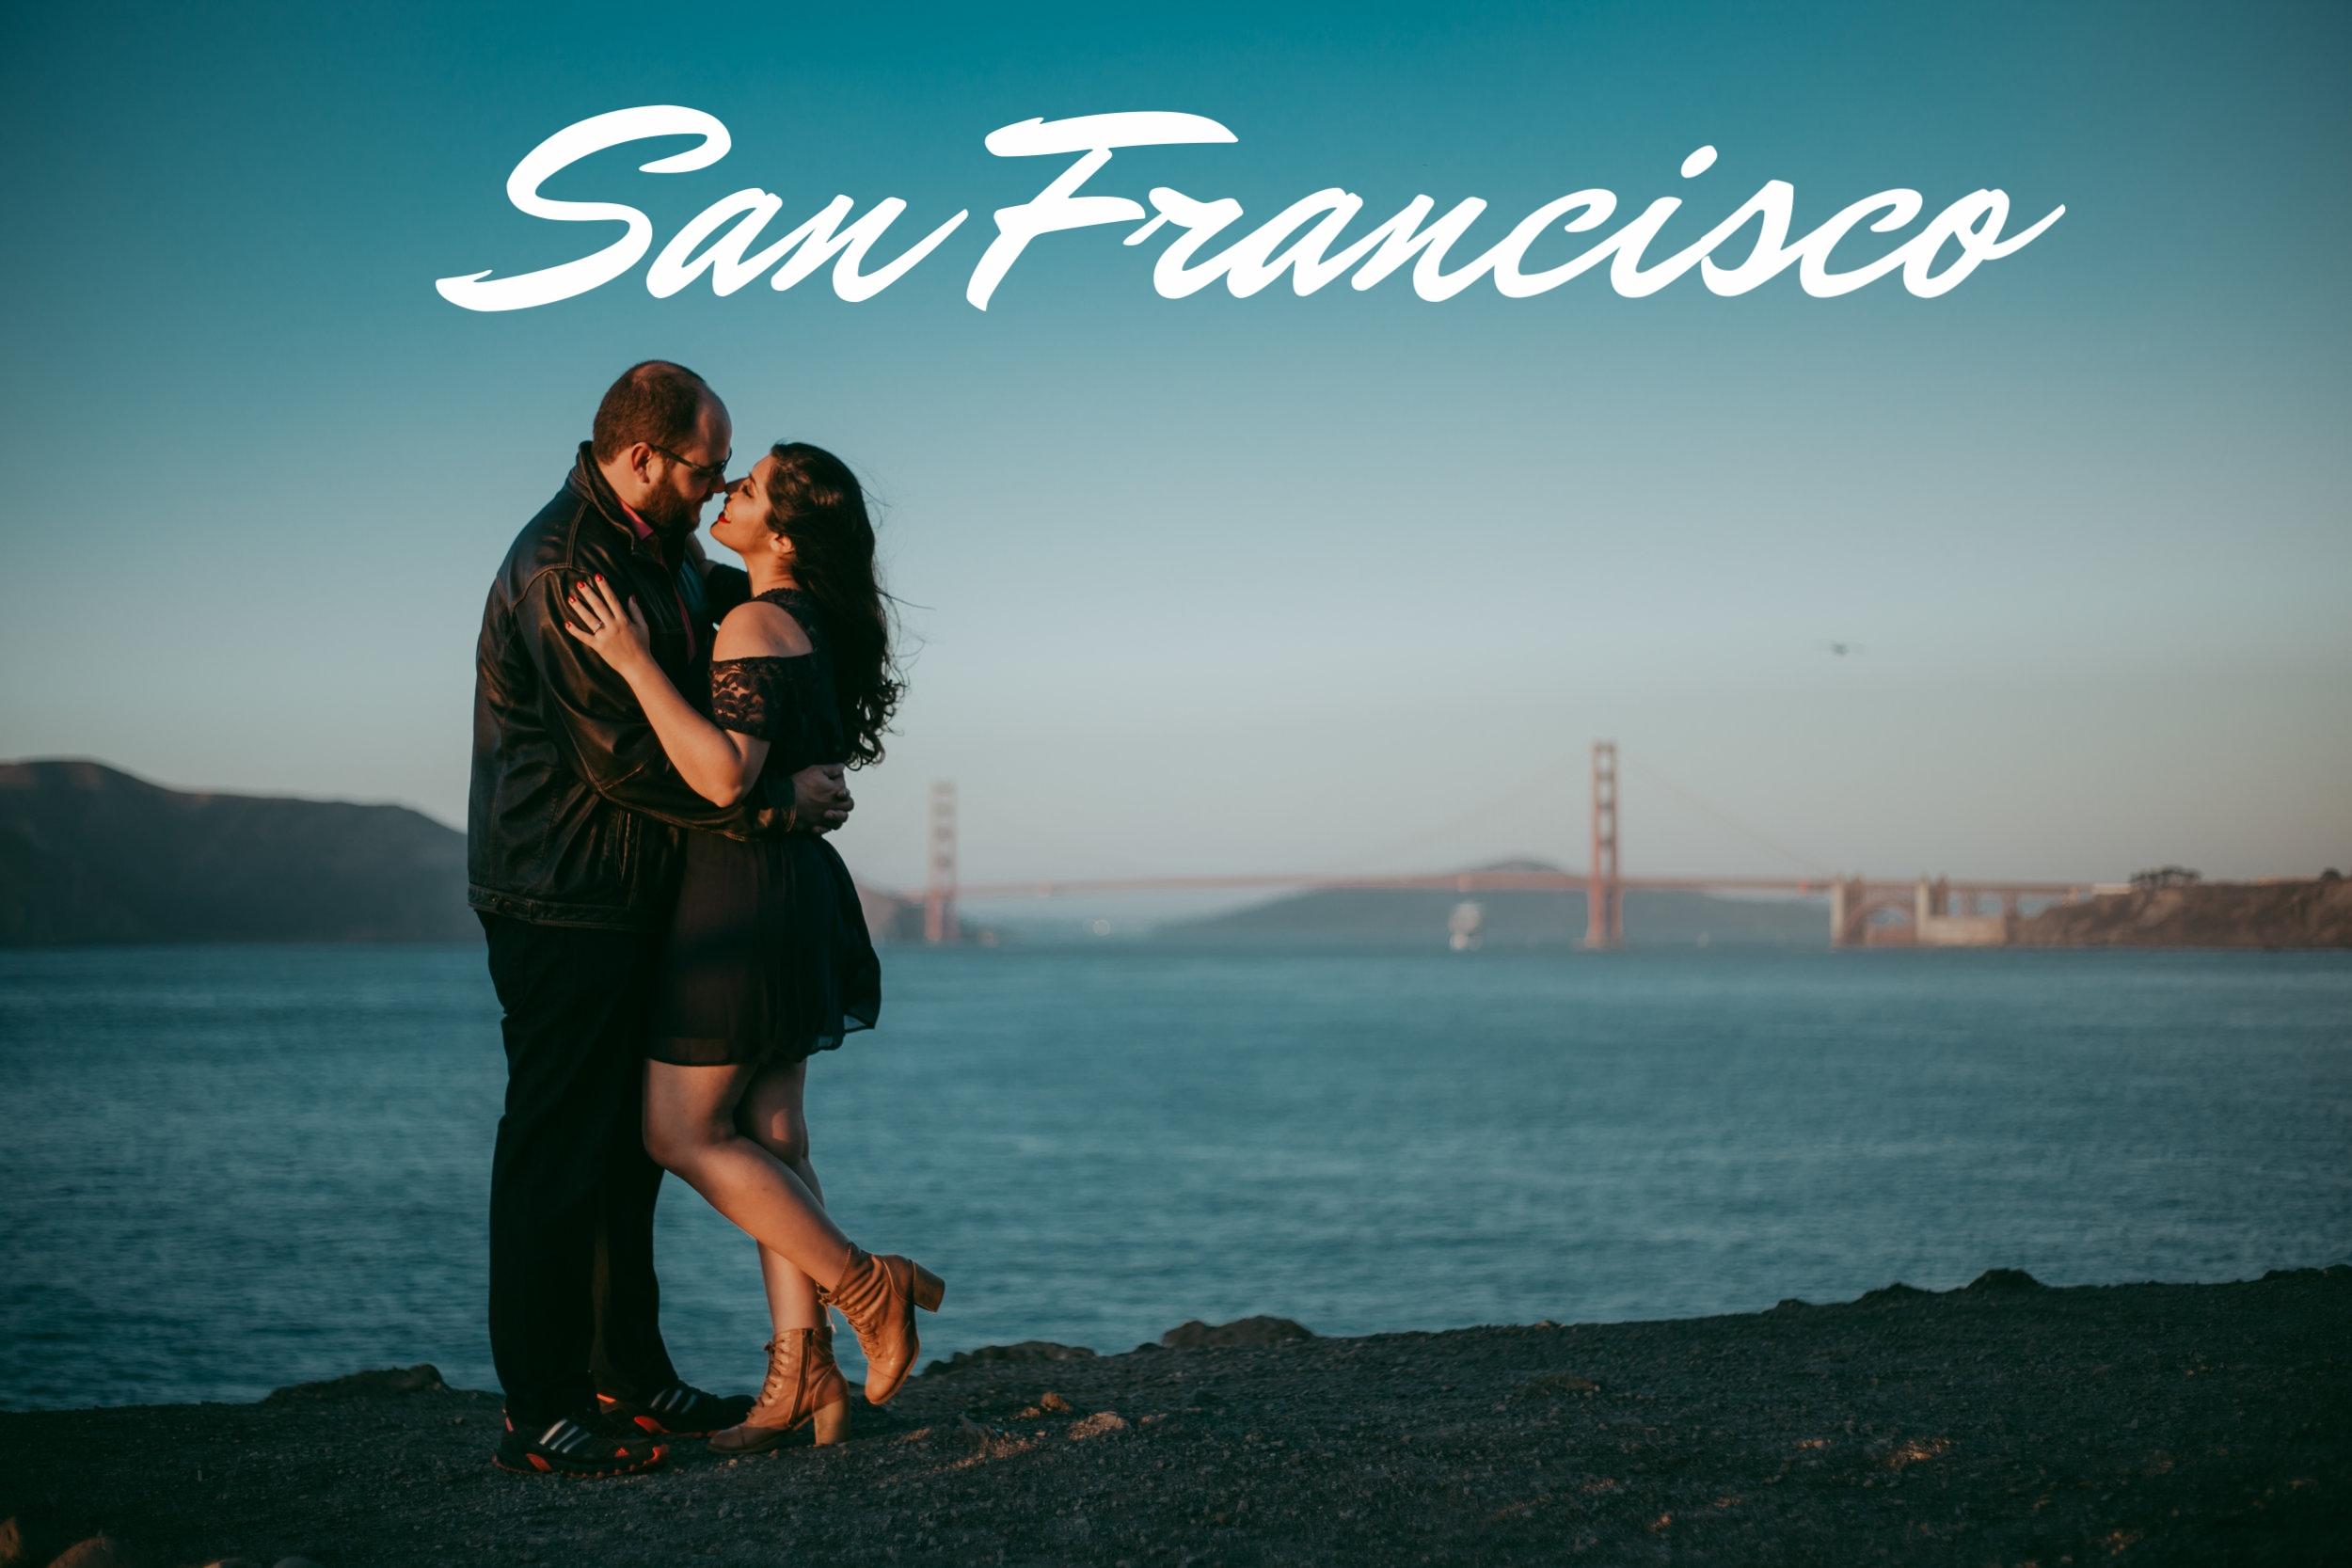 SAN FRANCISCO  Ensaios começam em U$250